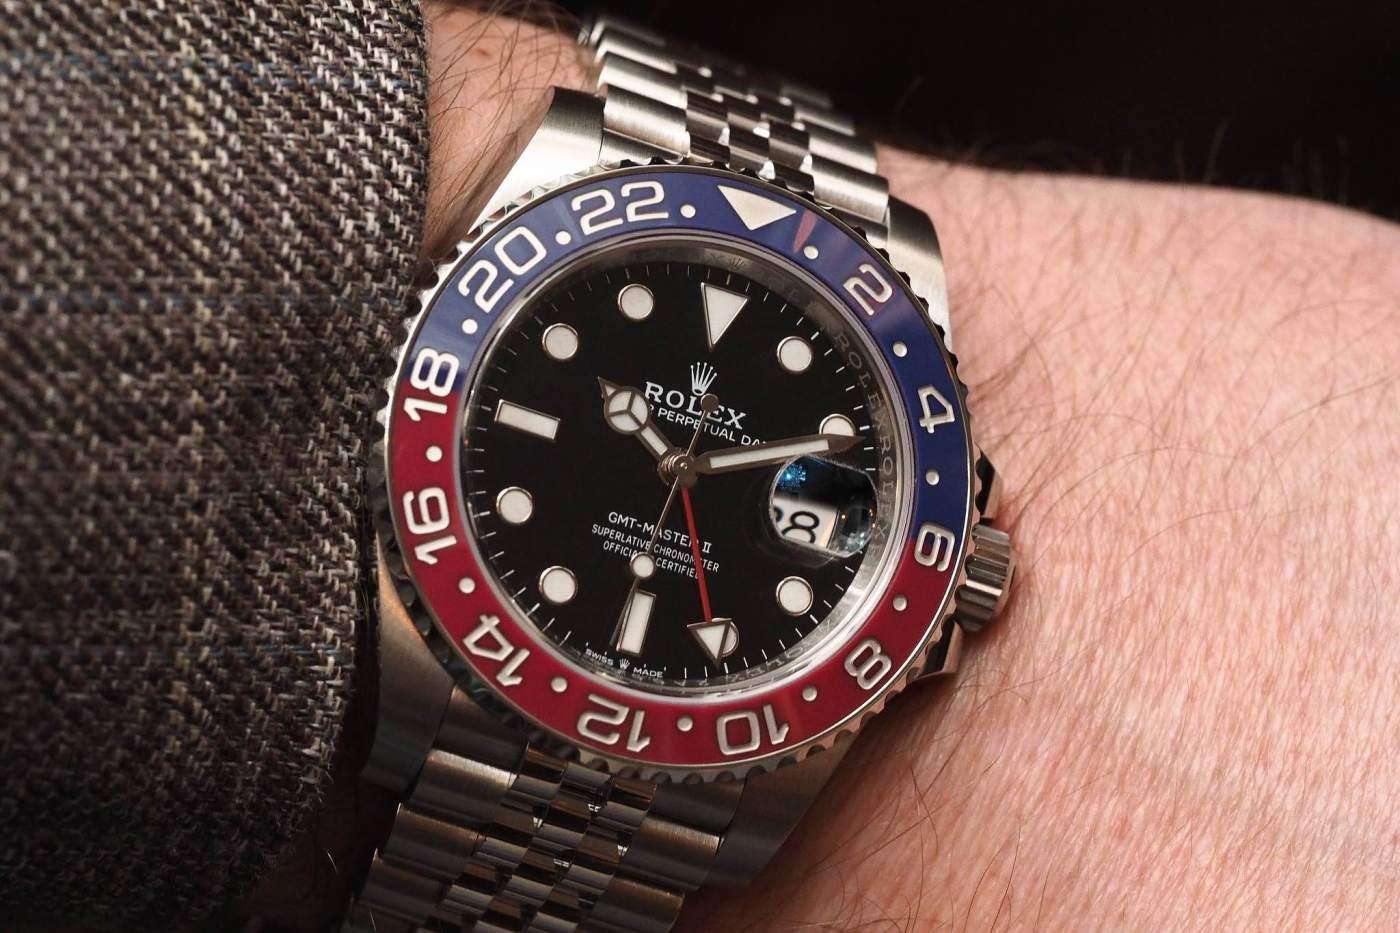 Rolex GMT-Master II Ref 126710BLRO